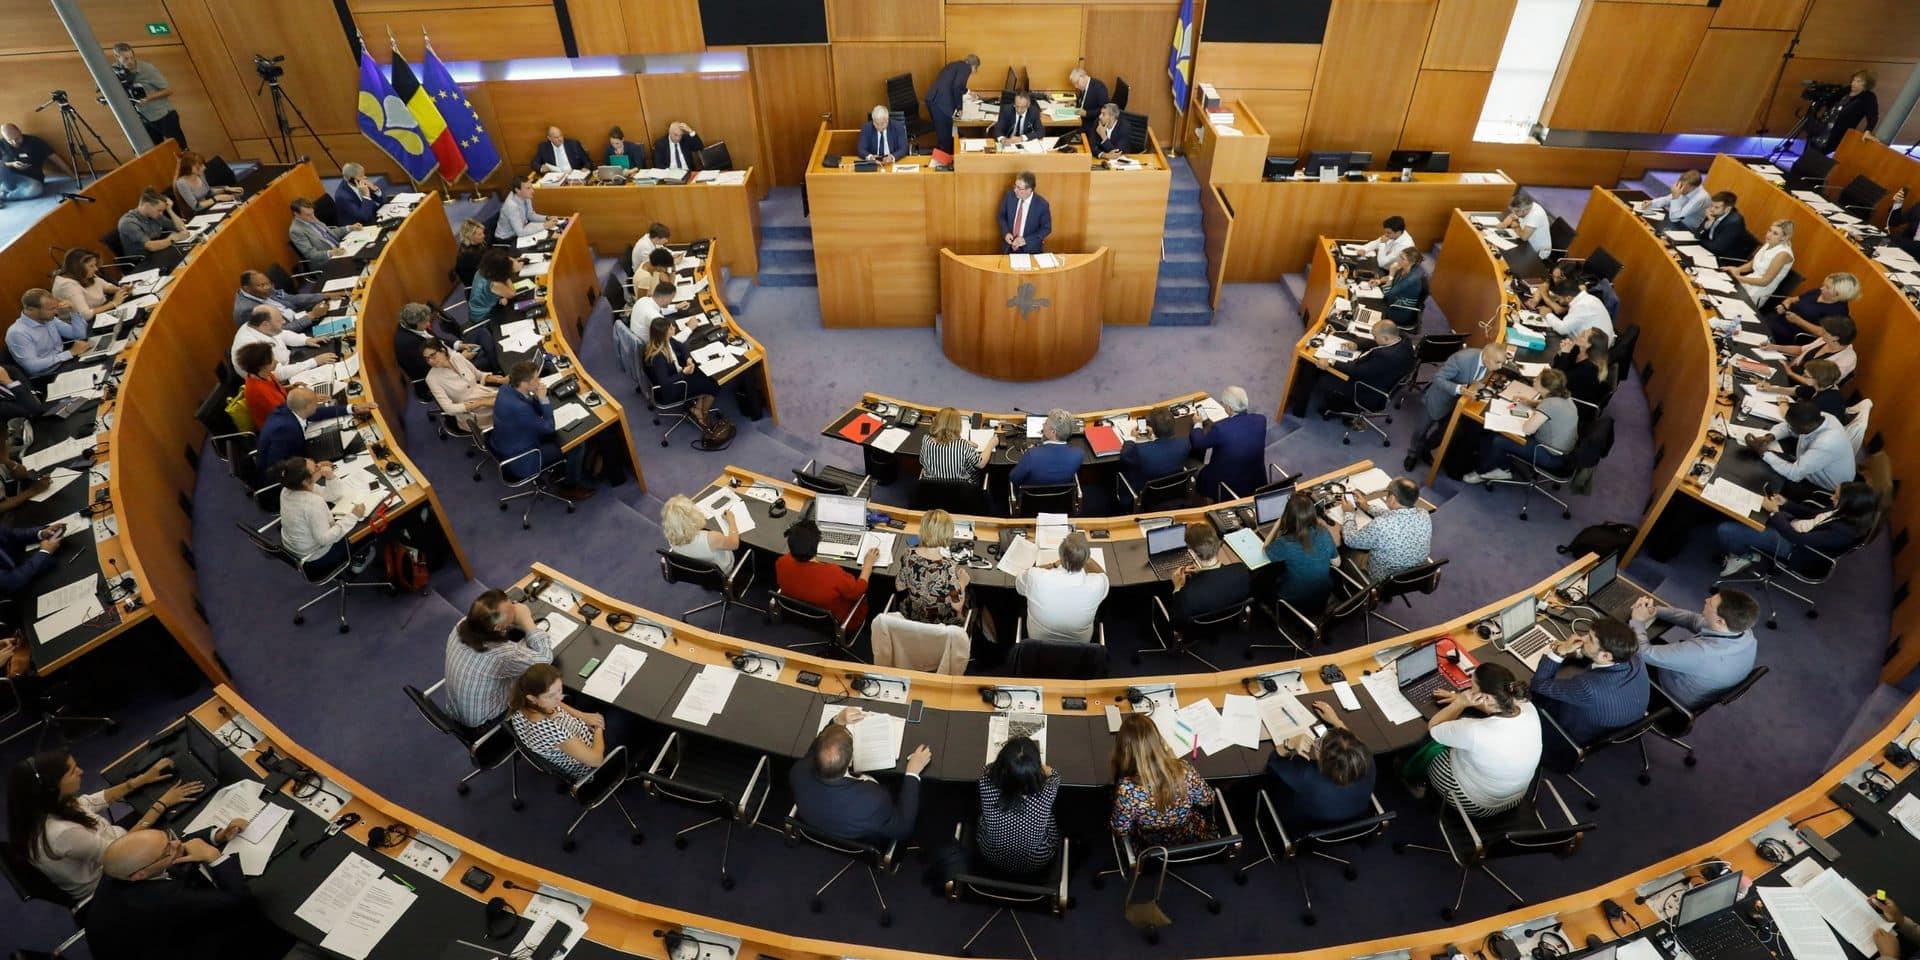 La première commission délibérative de l'histoire remet 43 recommandations au parlement bruxellois